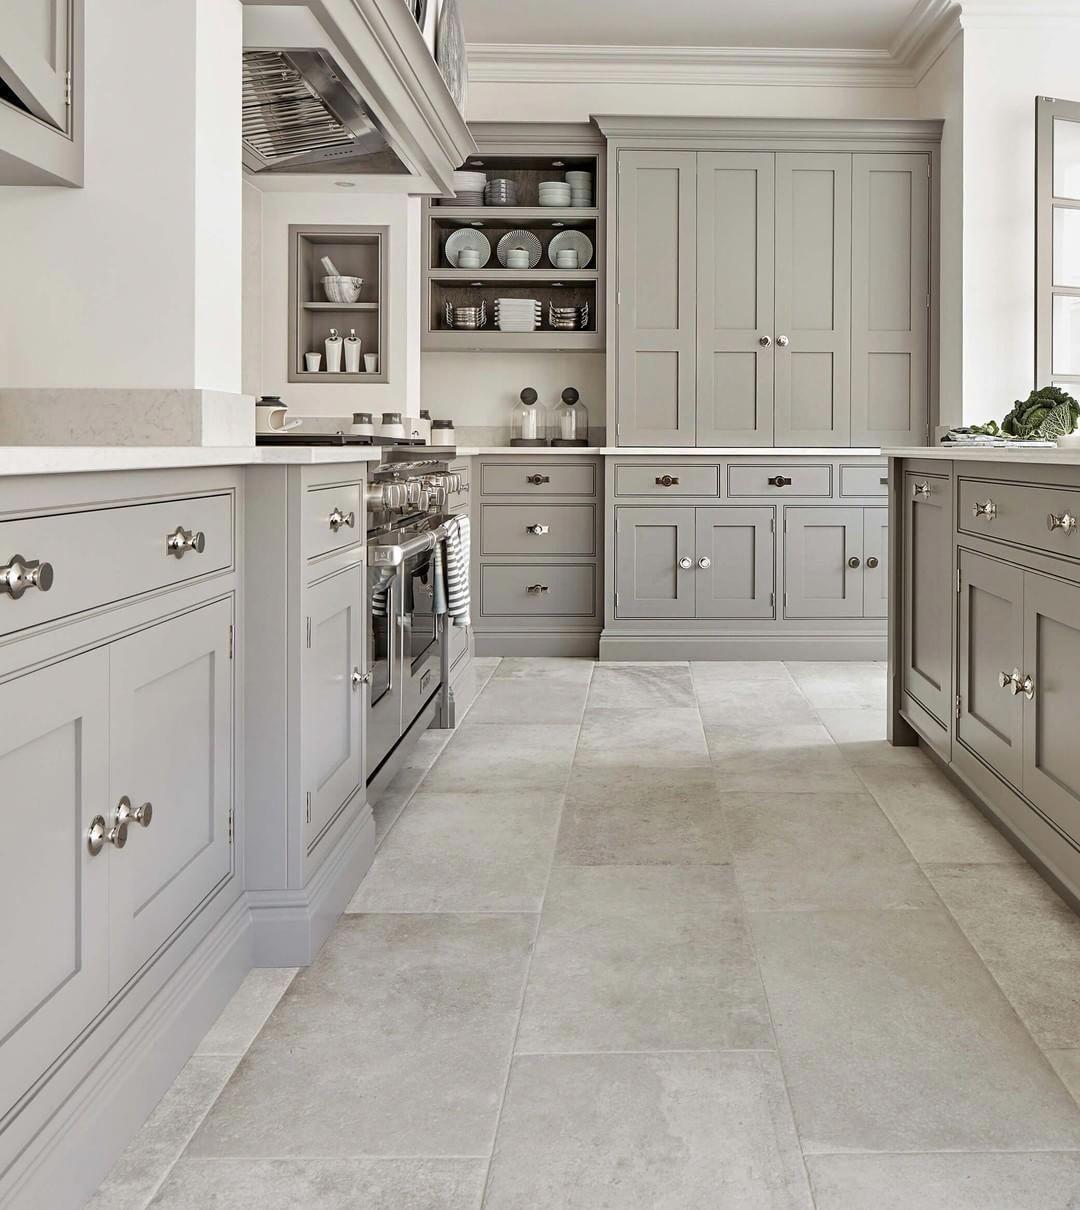 3 Ideas Of Recessed Door Handles In The Kitchen In 2020 Dream Kitchens Design Farmhouse Kitchen Design Kitchen Trends